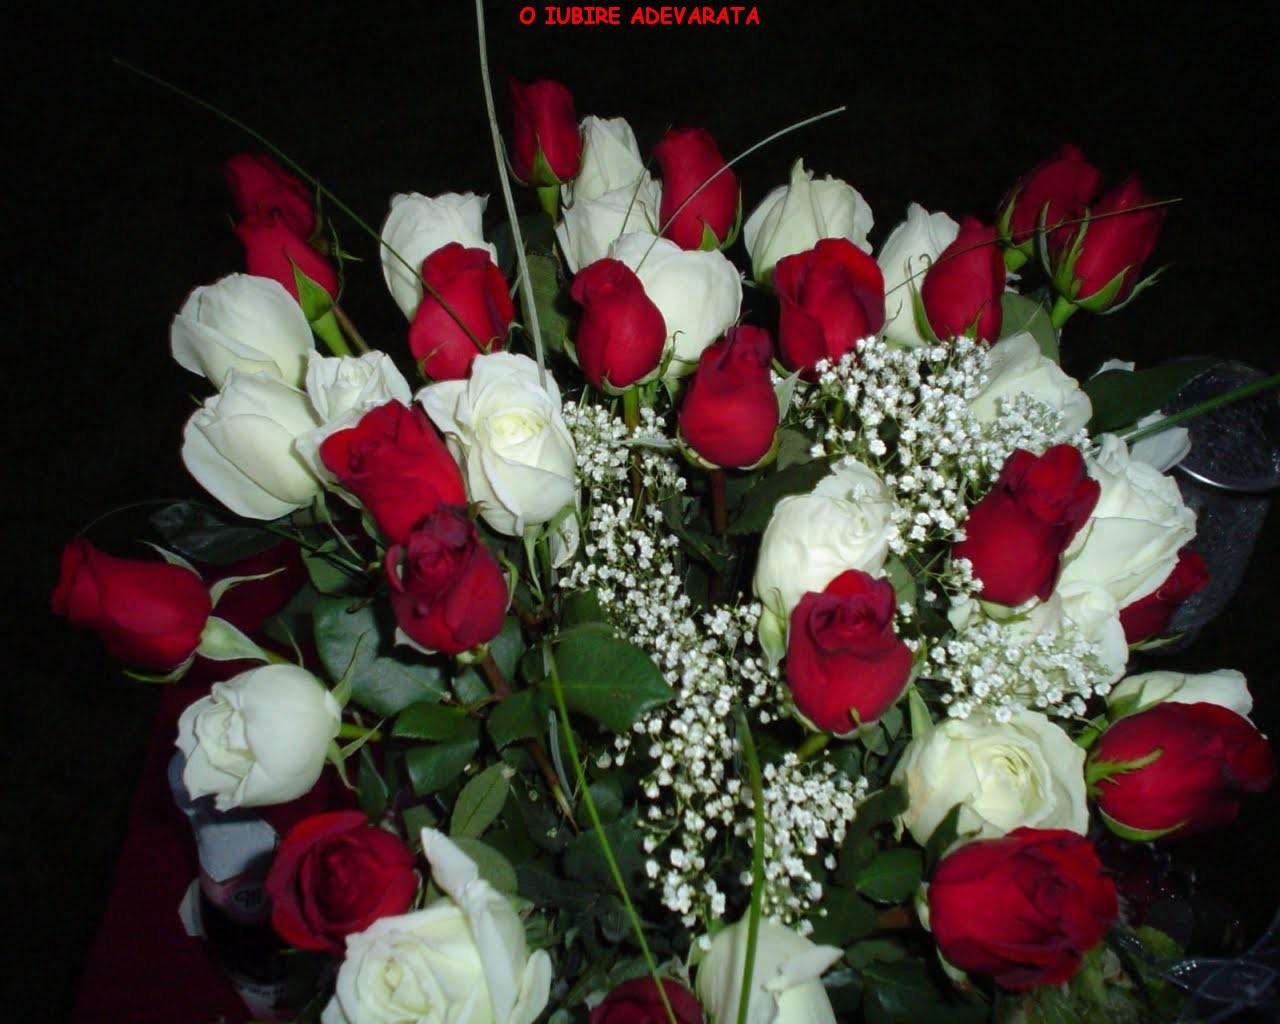 Imagini Cu Mesaje De La Multi Ani >> MESAJE DRAGOSTE SI IMAGINI: Imagini cu flori